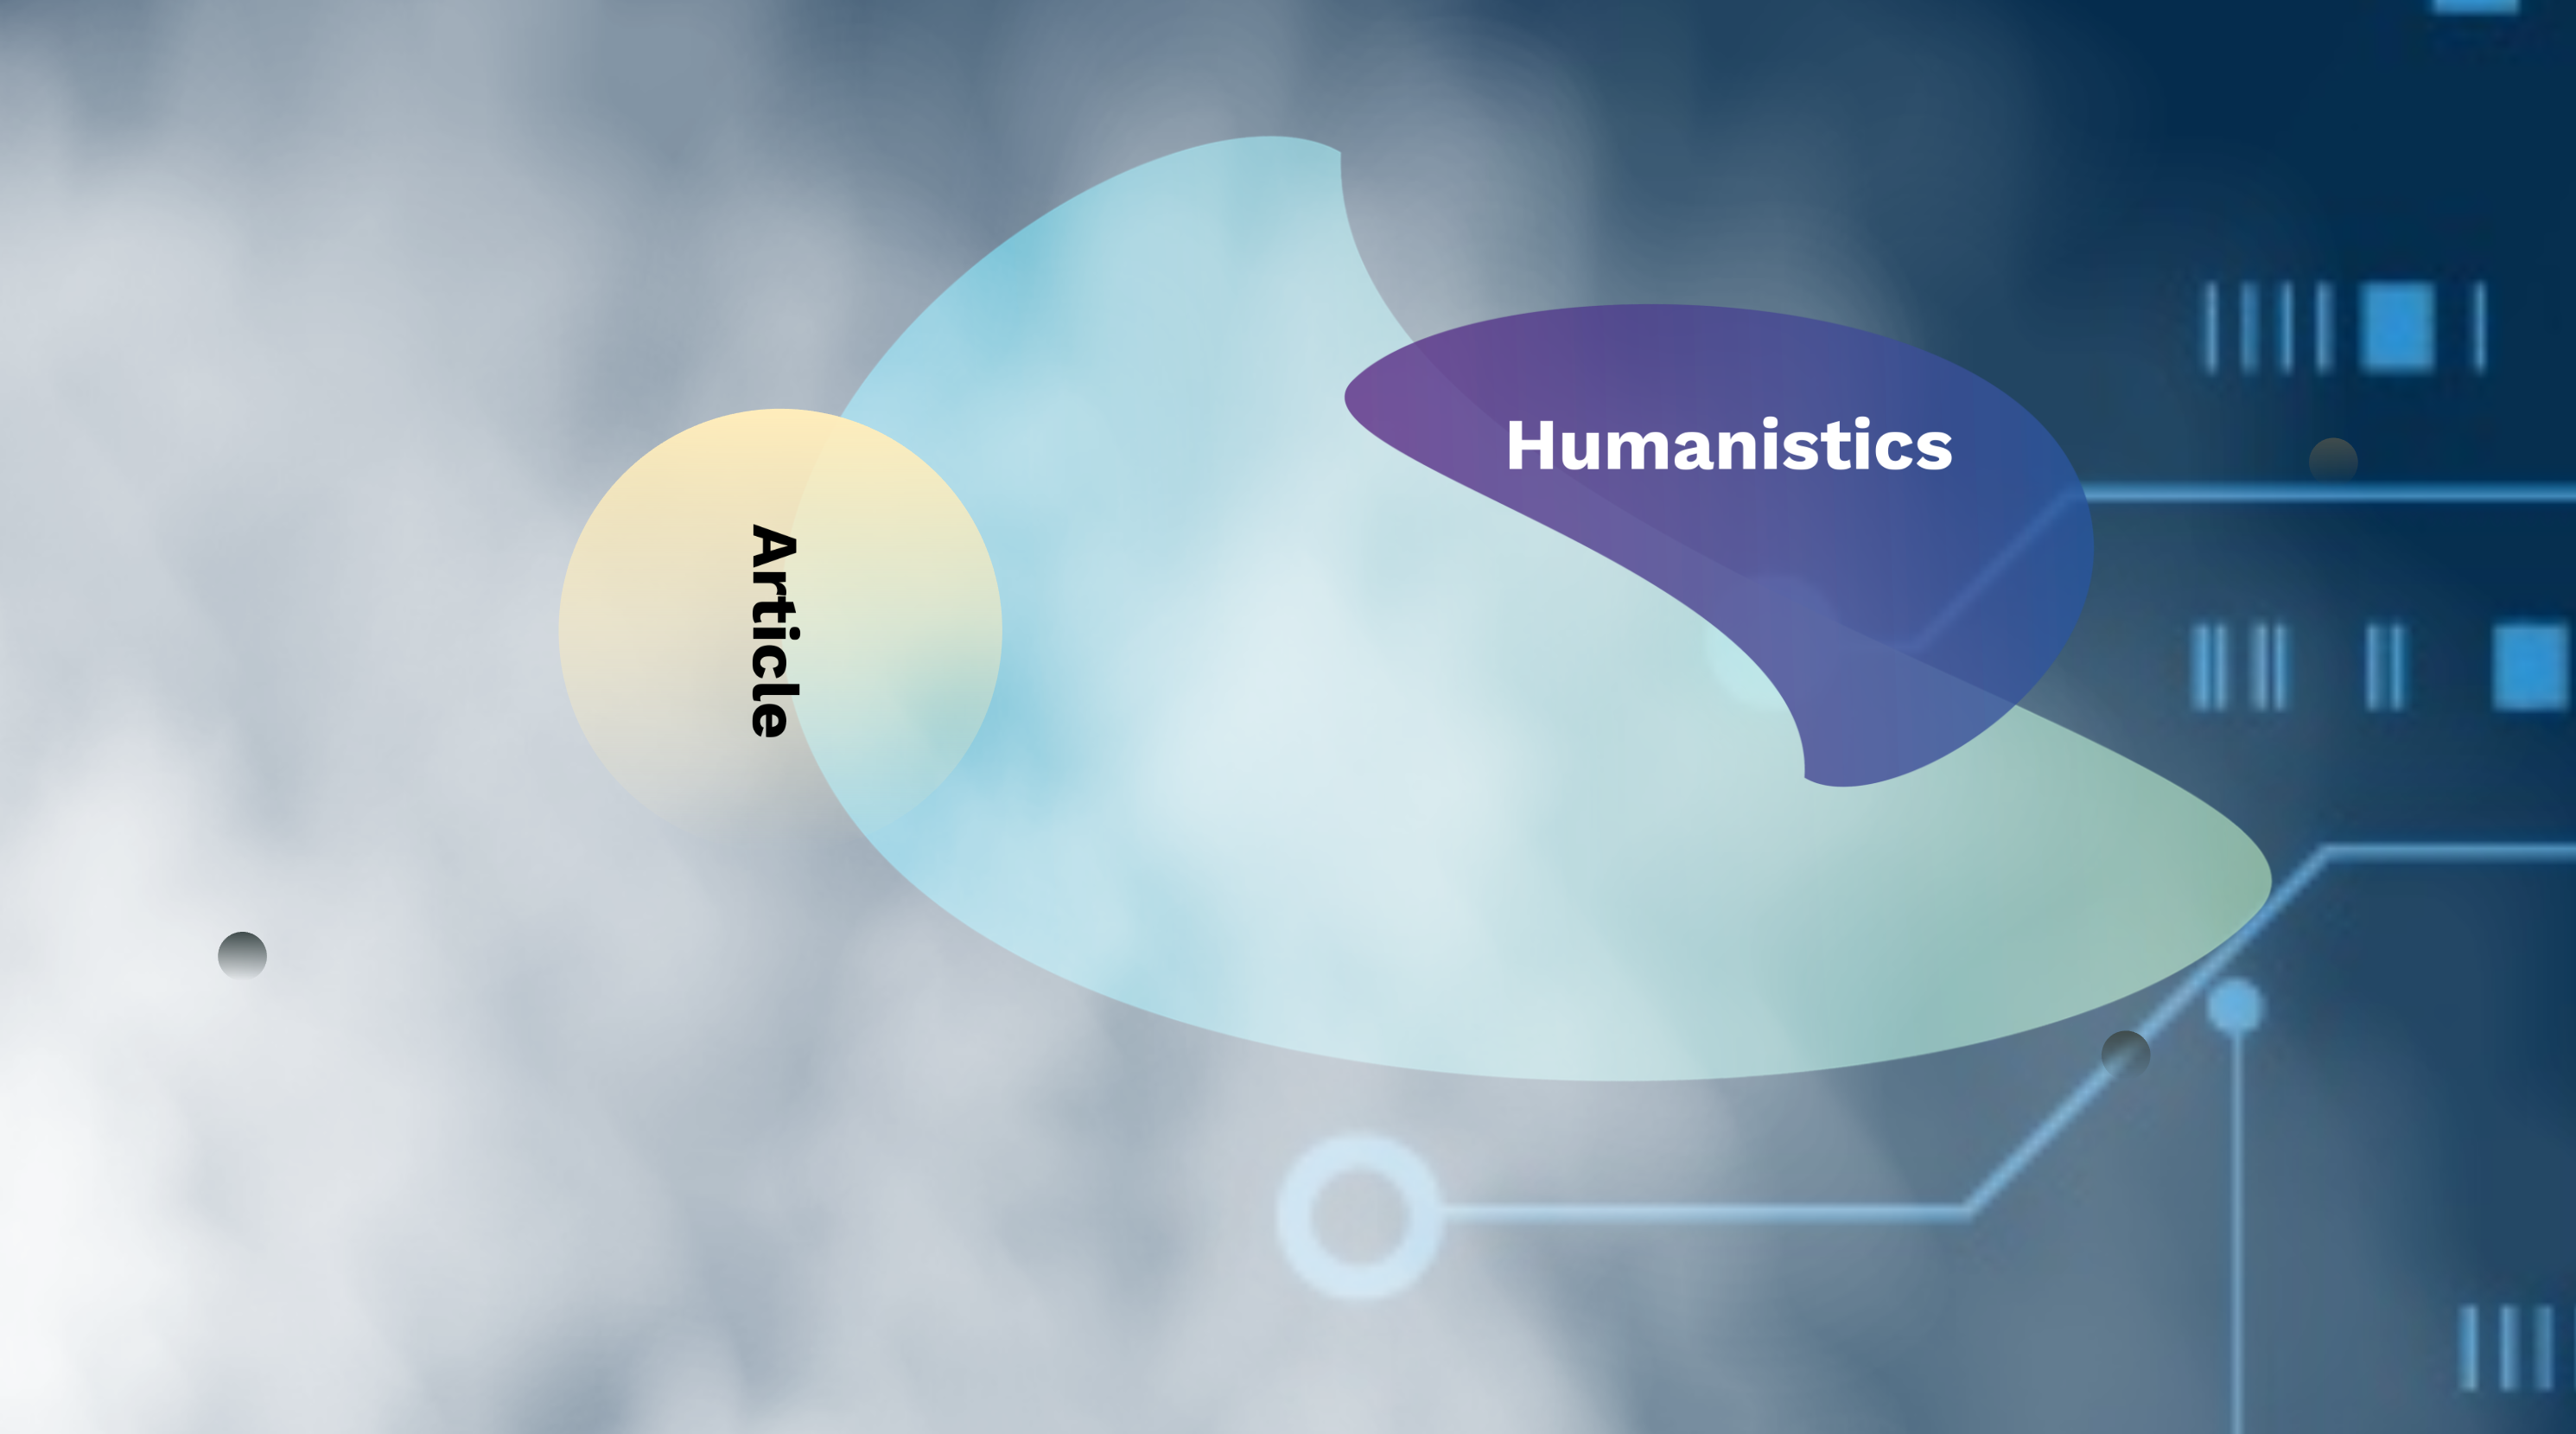 Humanistic Dreams Psychology Prezi Presentation for BCIT Psyc 1101 | Monika Szucs